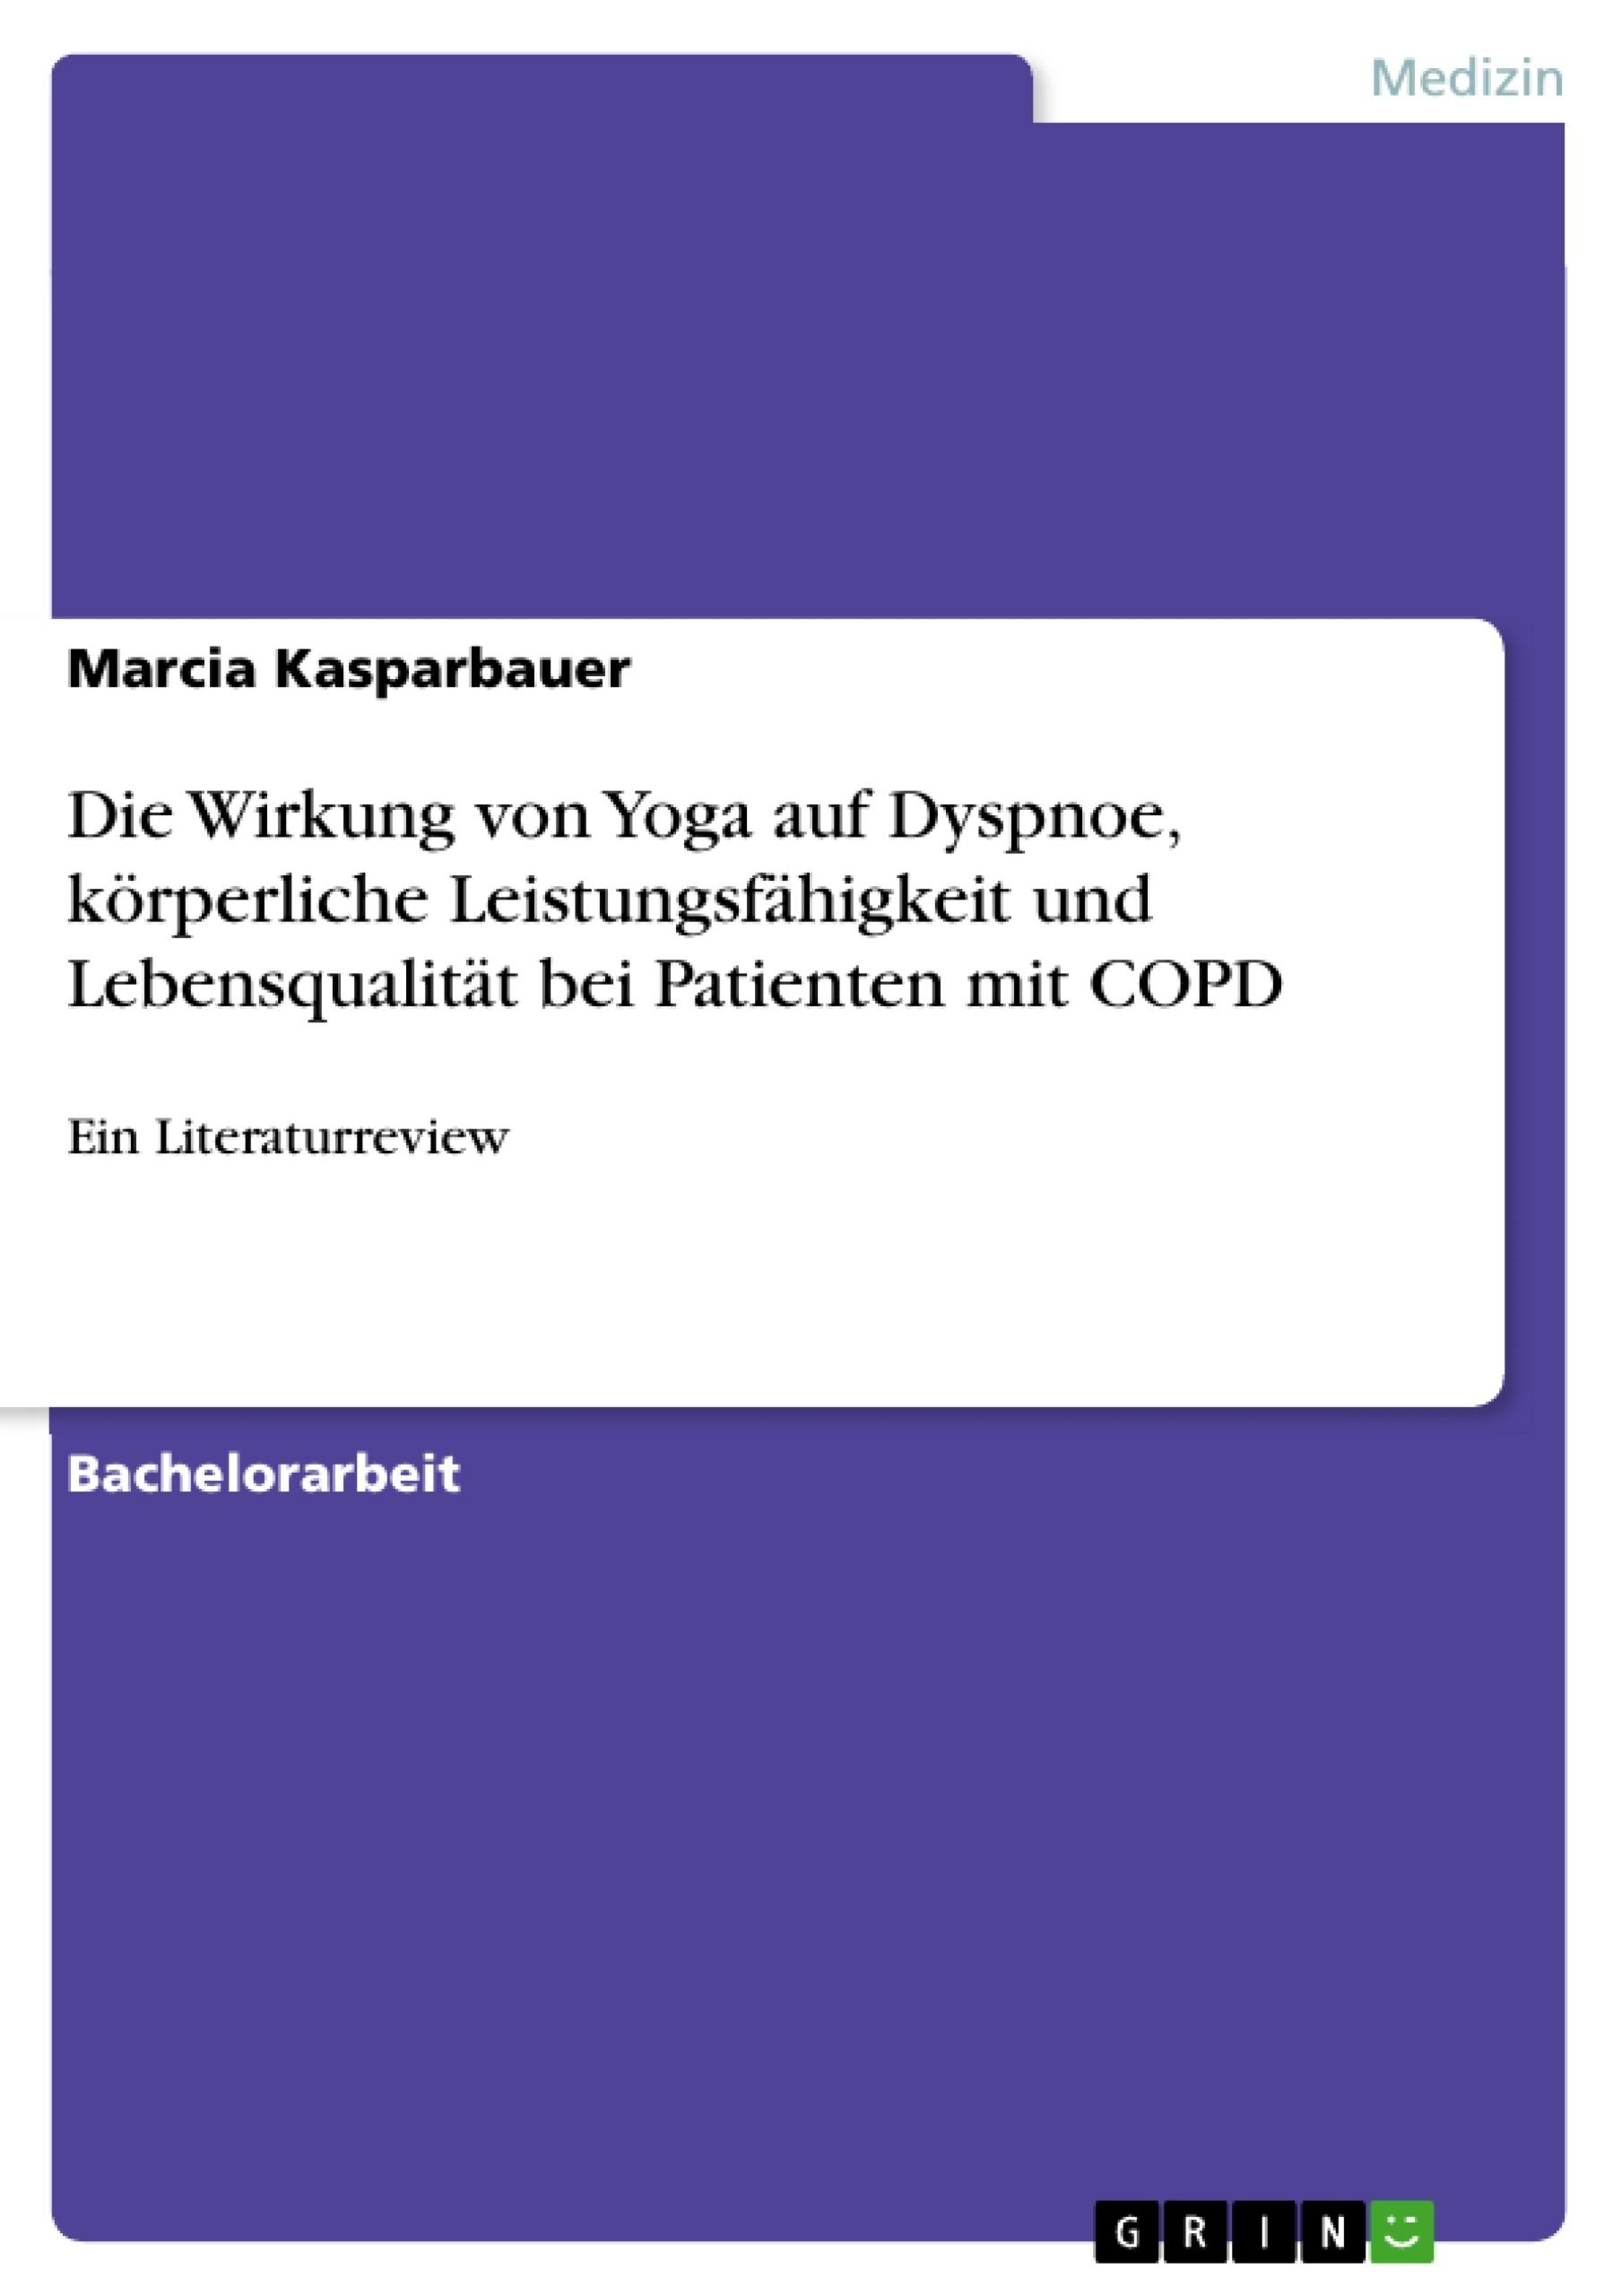 Titel: Die Wirkung von Yoga auf Dyspnoe, körperliche Leistungsfähigkeit und Lebensqualität bei Patienten mit COPD